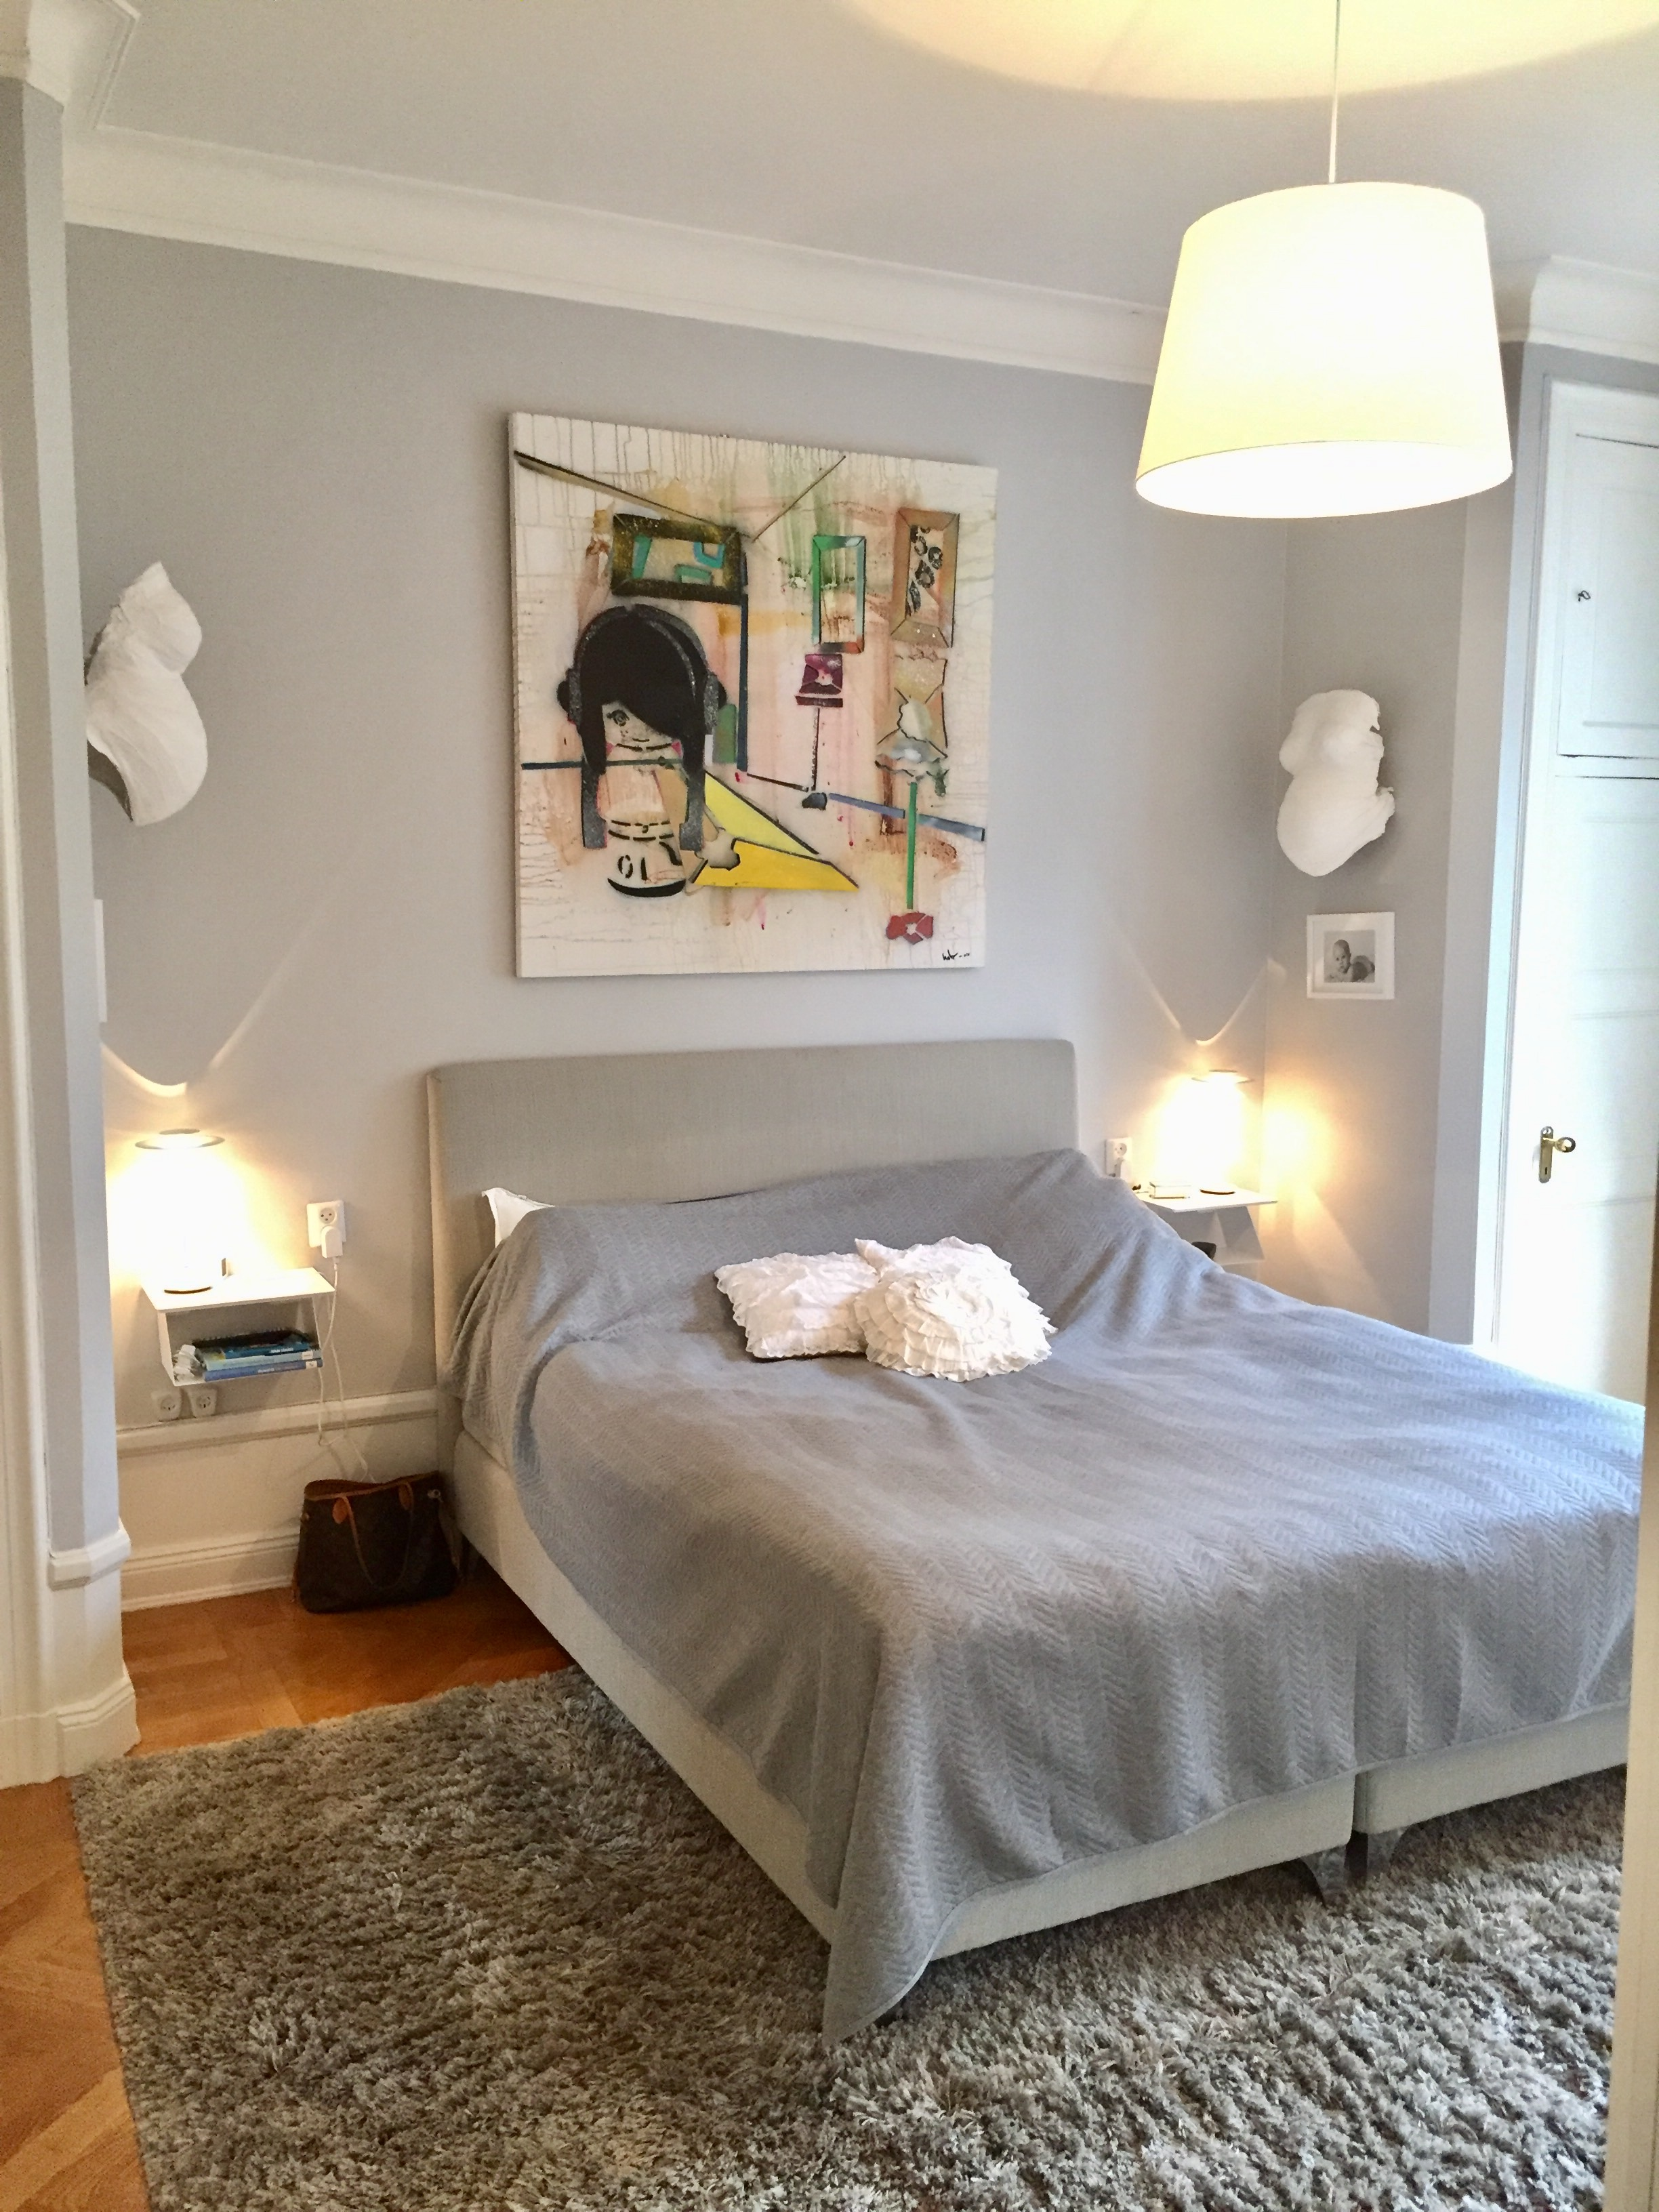 Norway long term rental in Oslo, Oslo